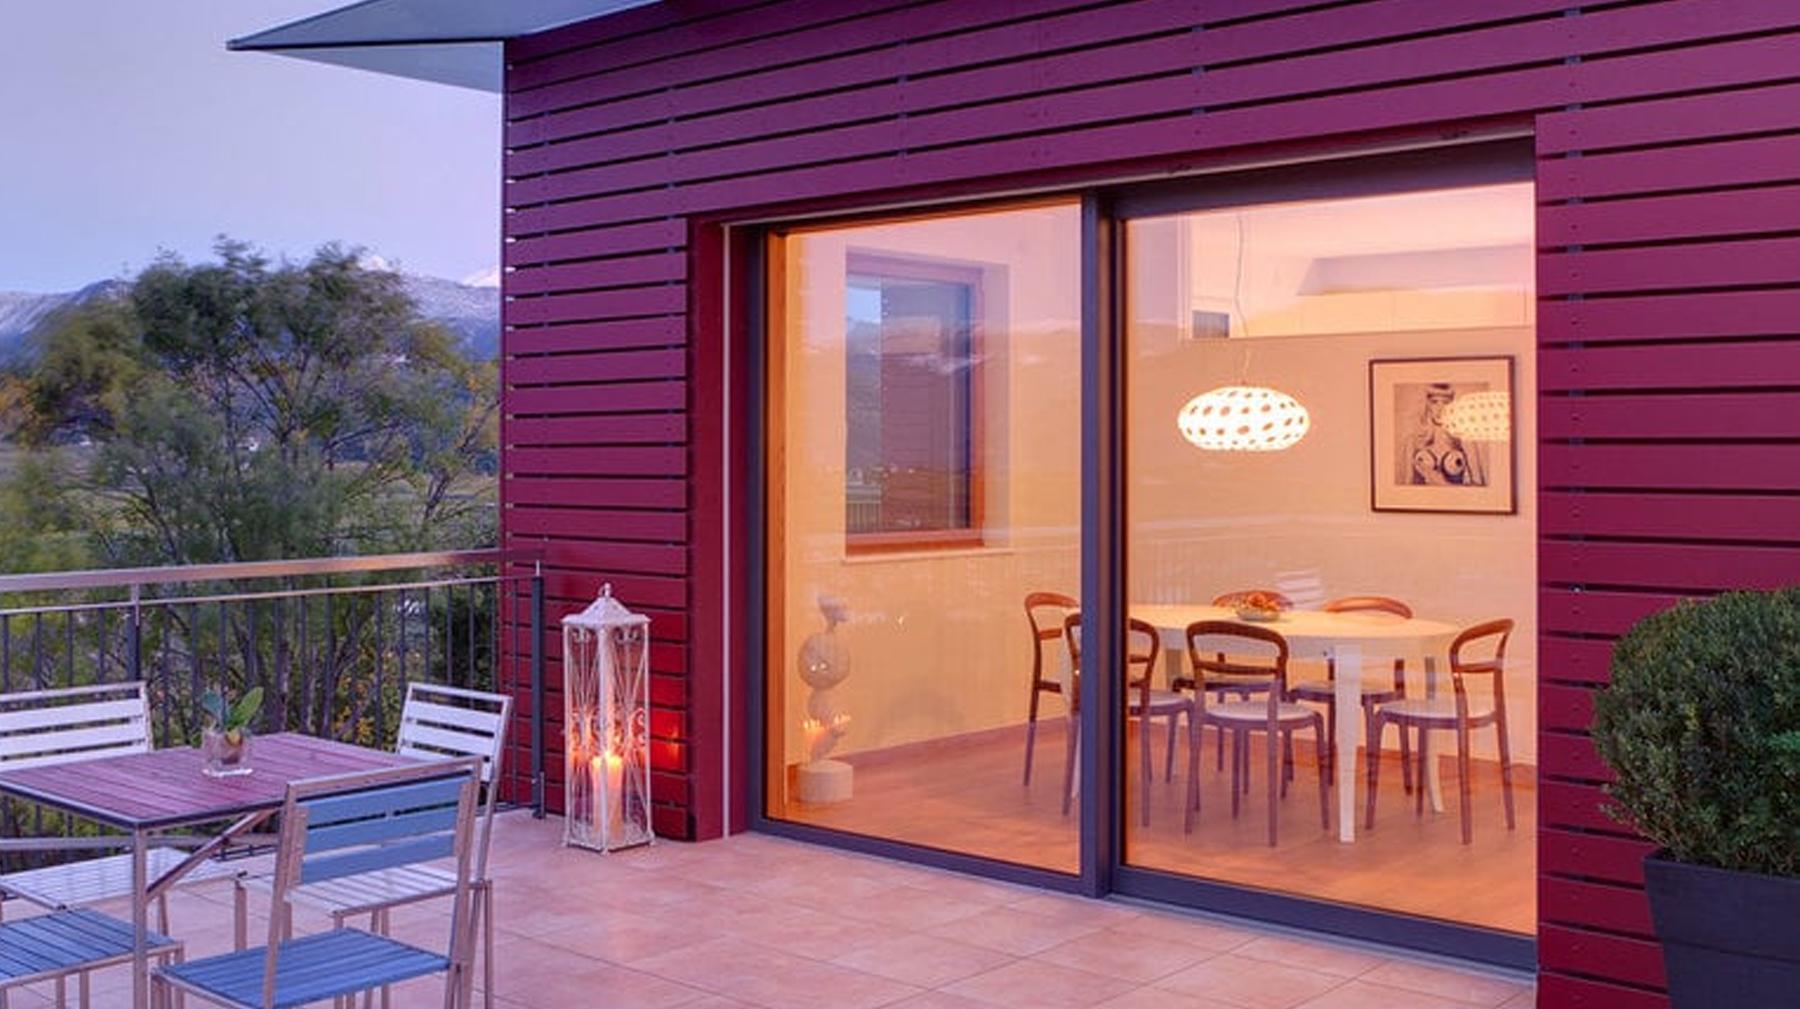 Finstral finestre e porte finestre in legno pvc alluminio - Porte finestre torino ...